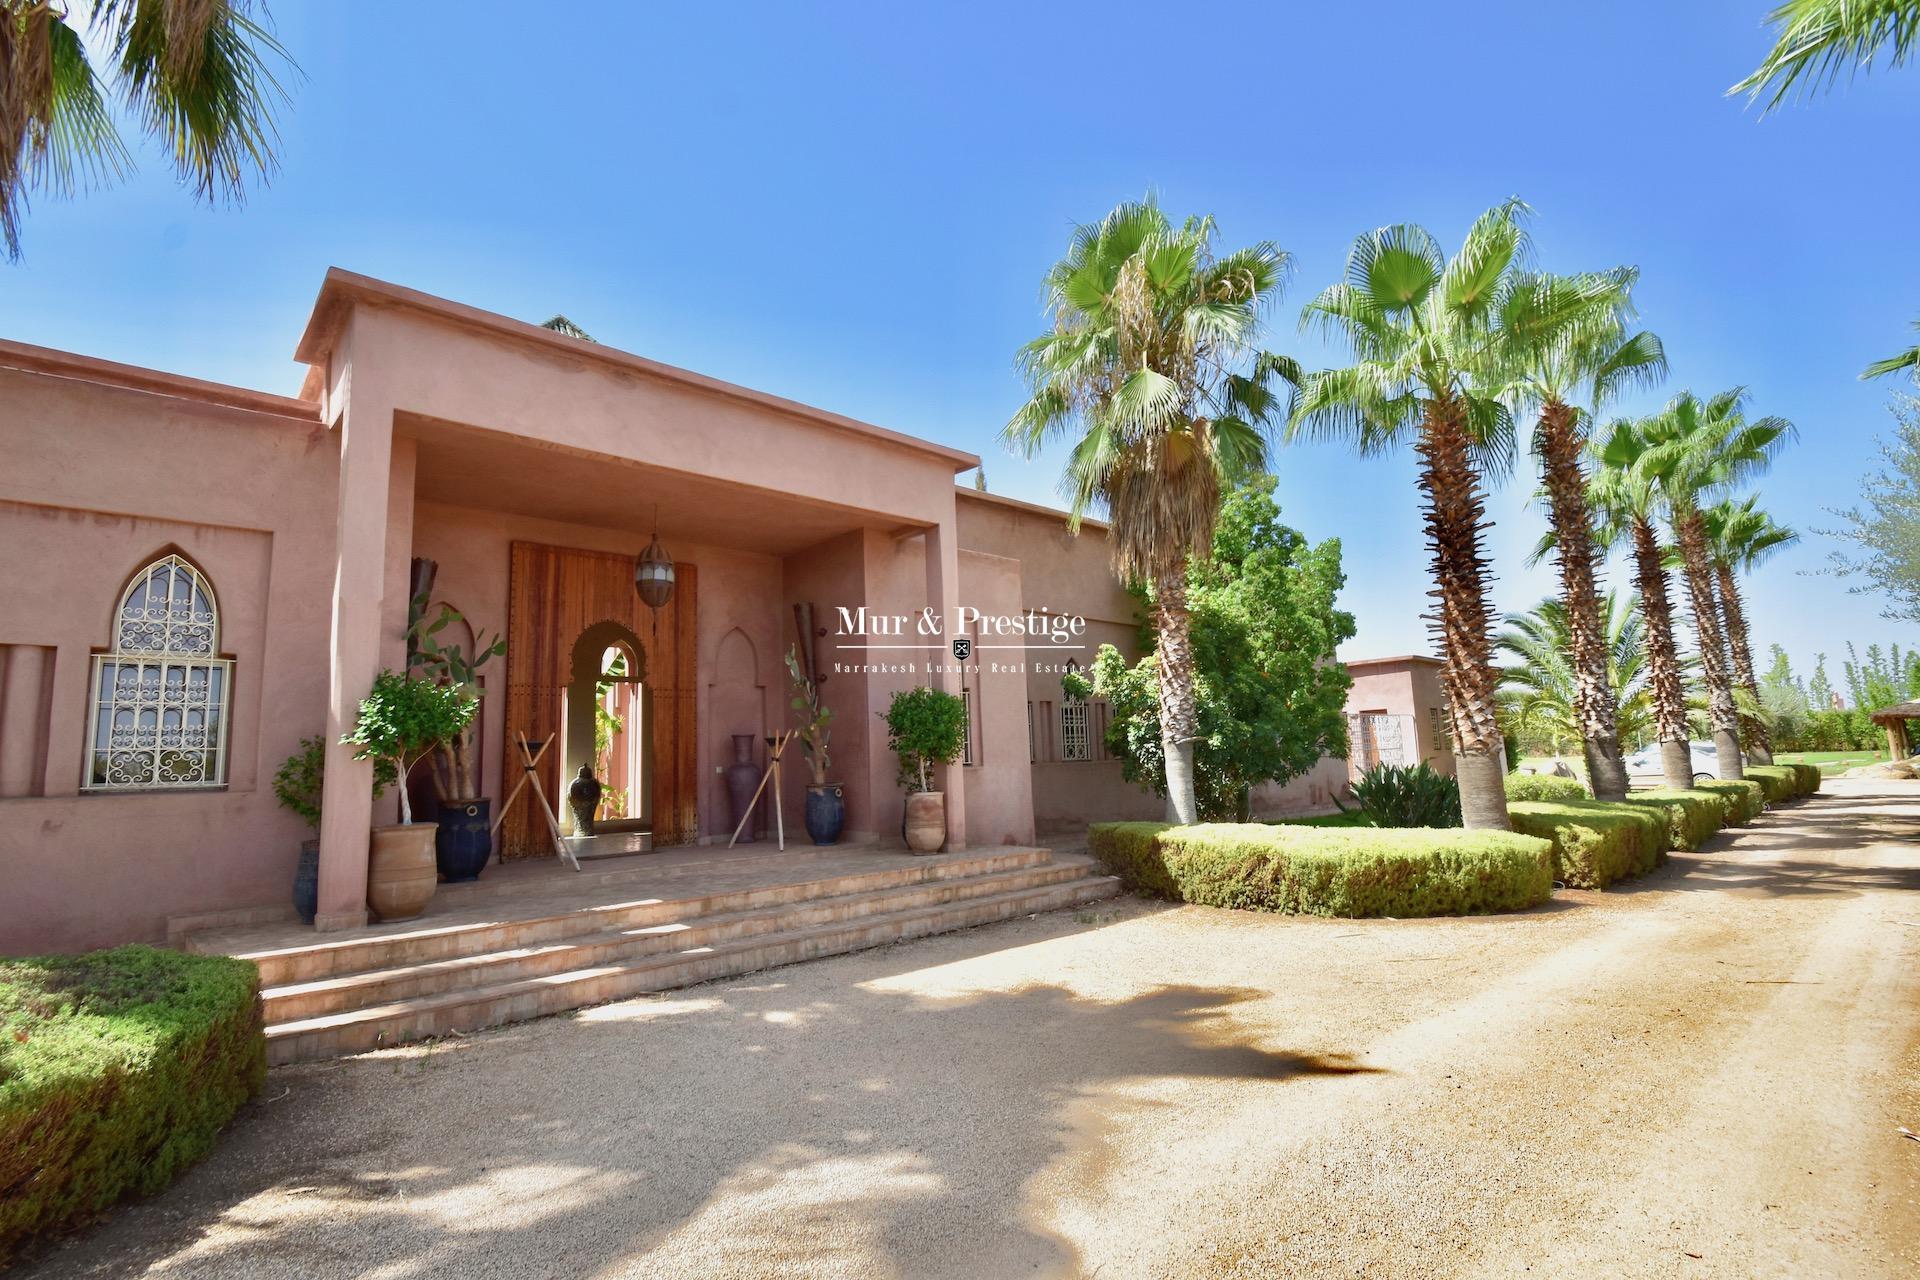 Maison de prestige en vente à Marrakech